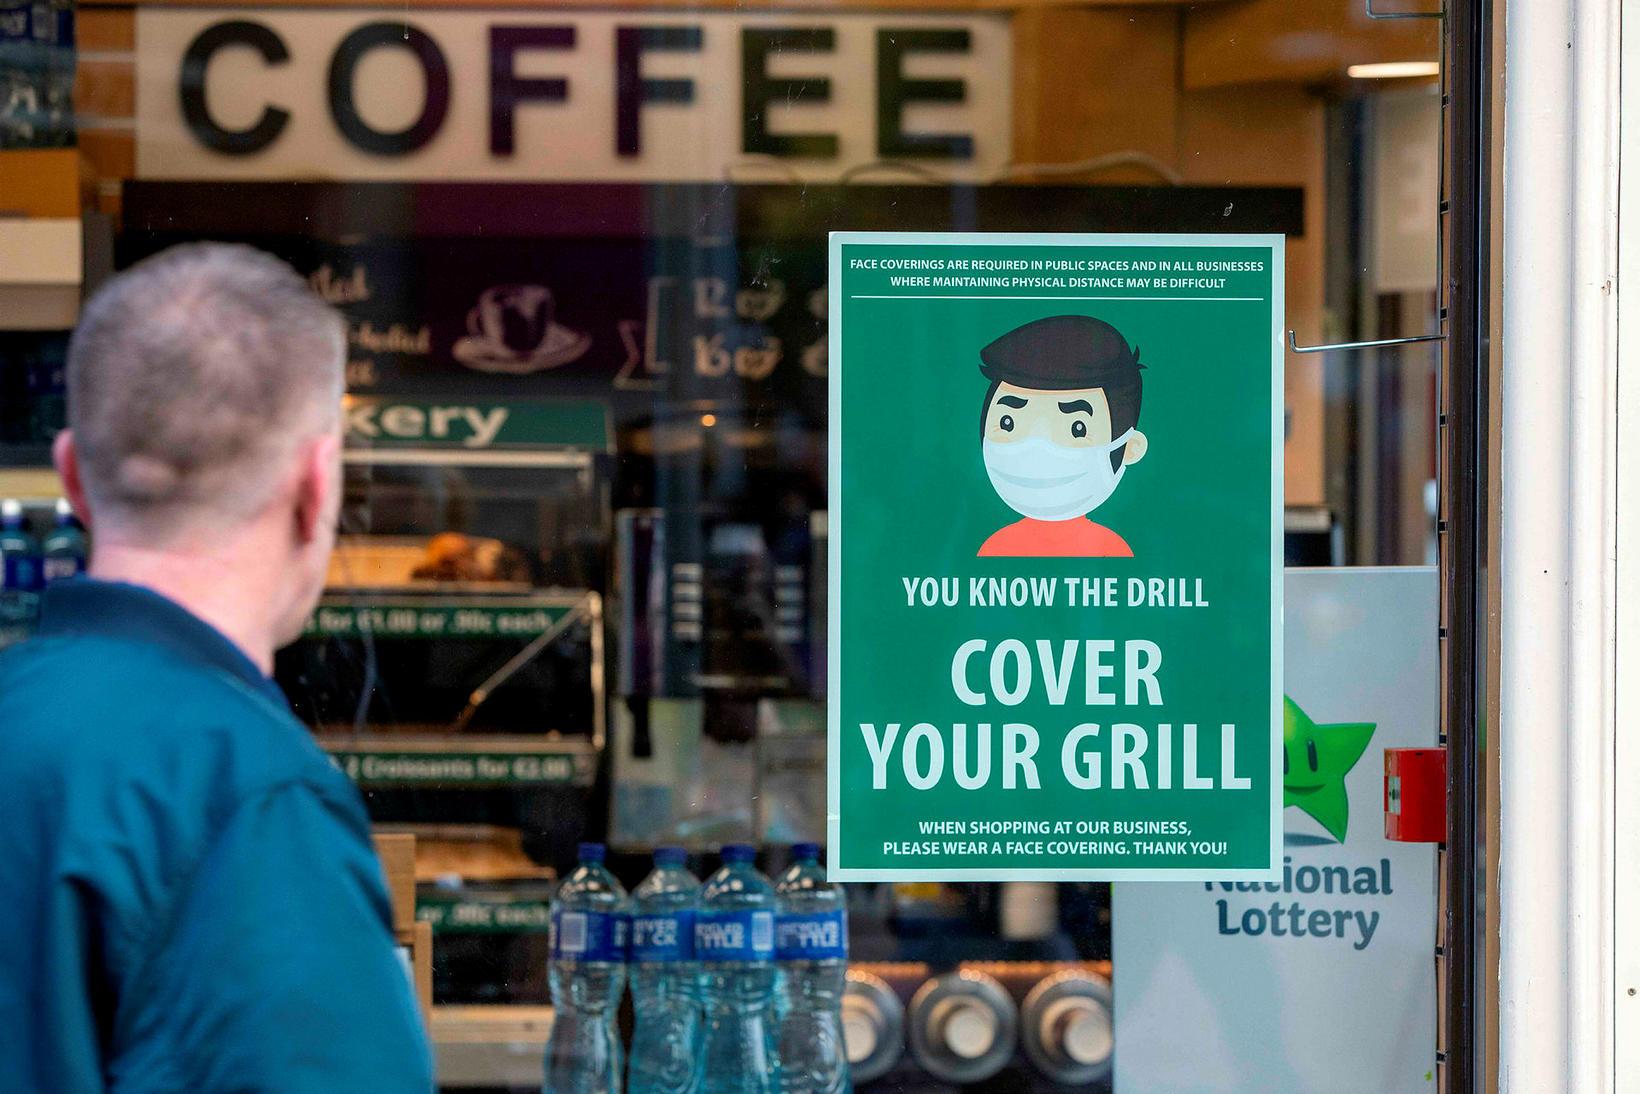 Maður horfir á plakat á kaffihúsi í Dublin.